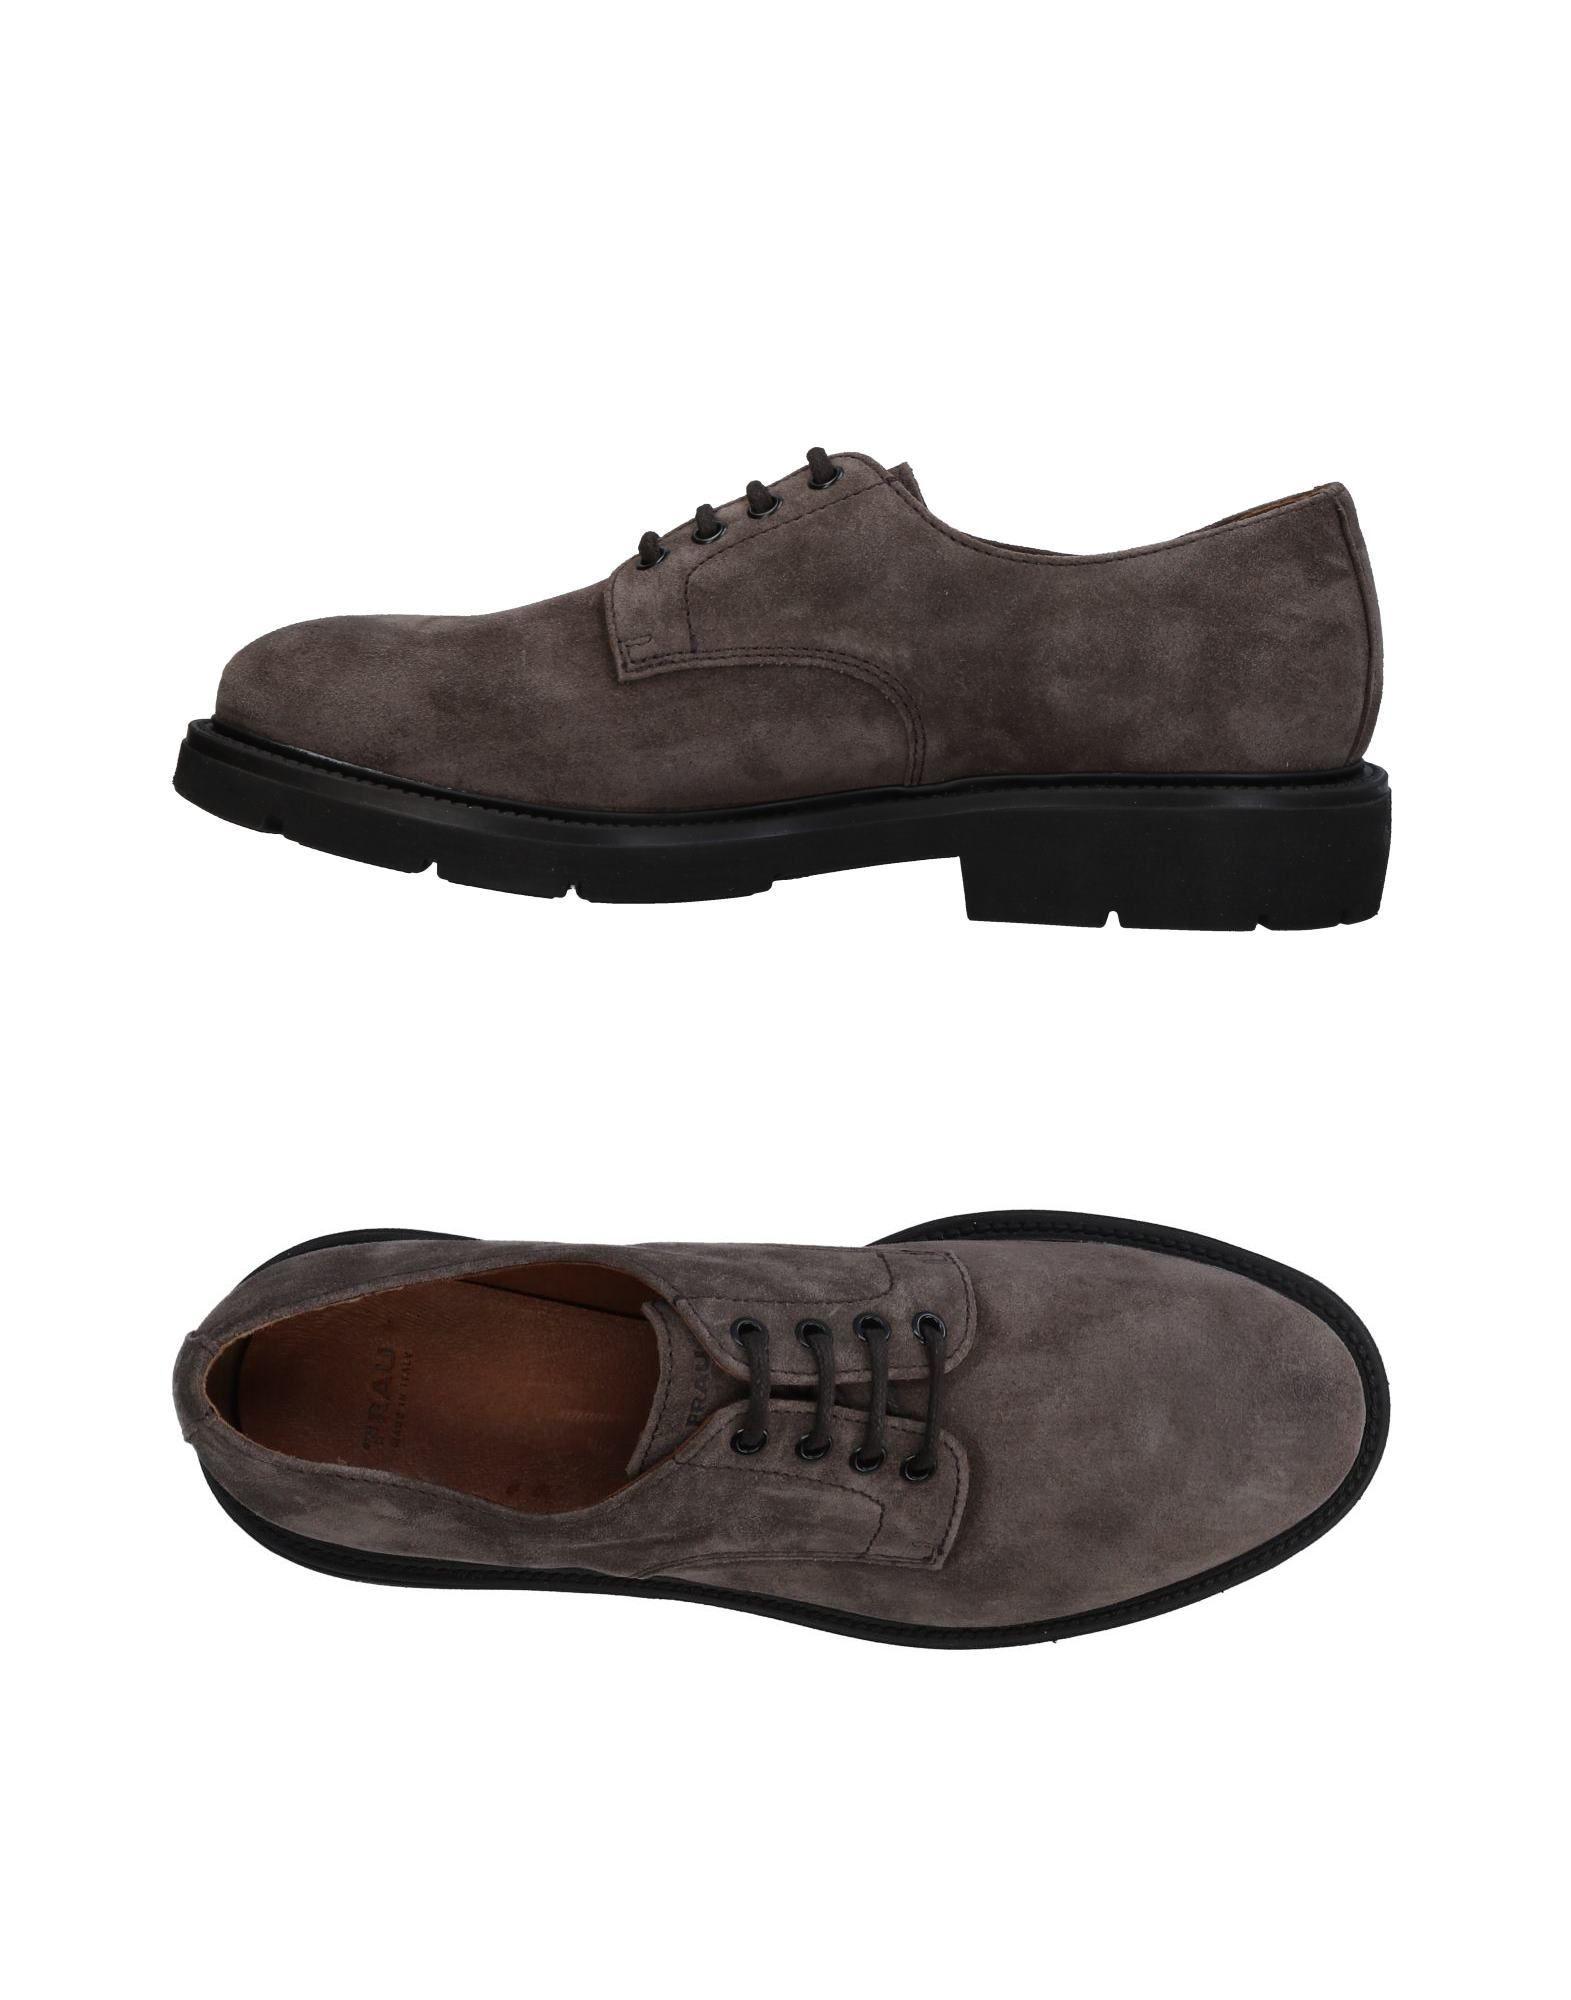 Rabatt echte  Schuhe Frau Schnürschuhe Herren  echte 11459361OJ 7cac00